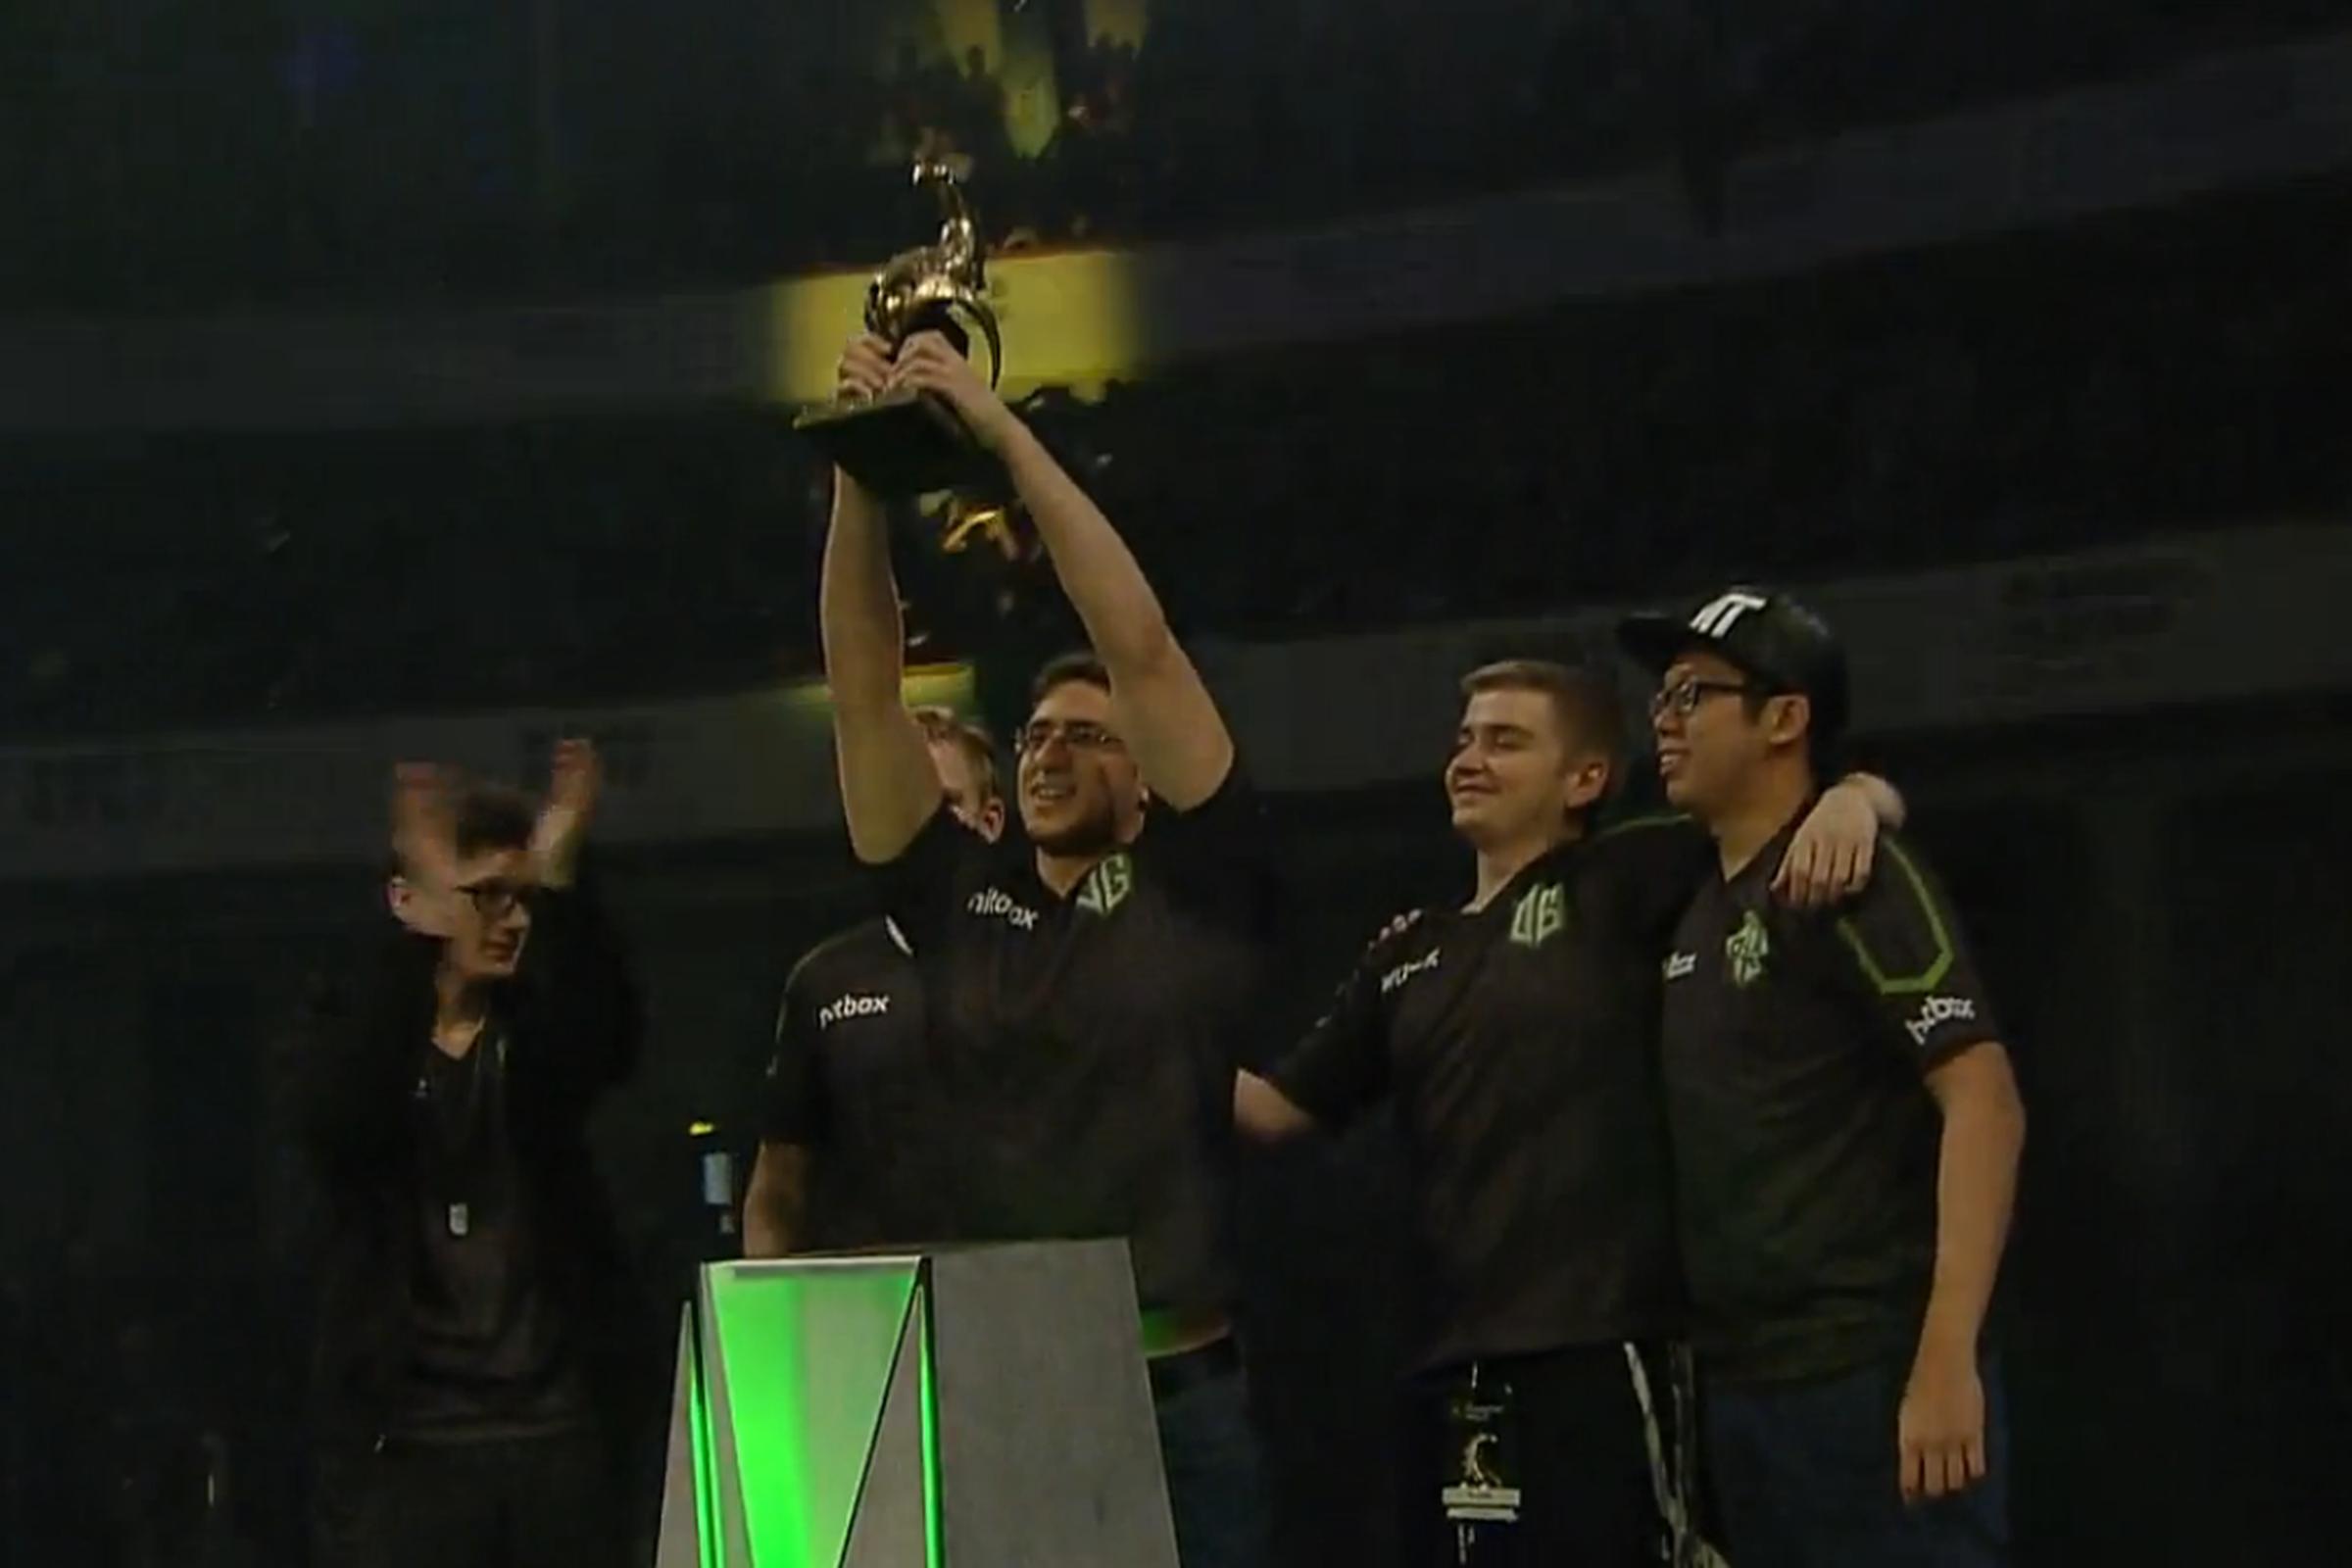 OG_wins_Frankfurt.png